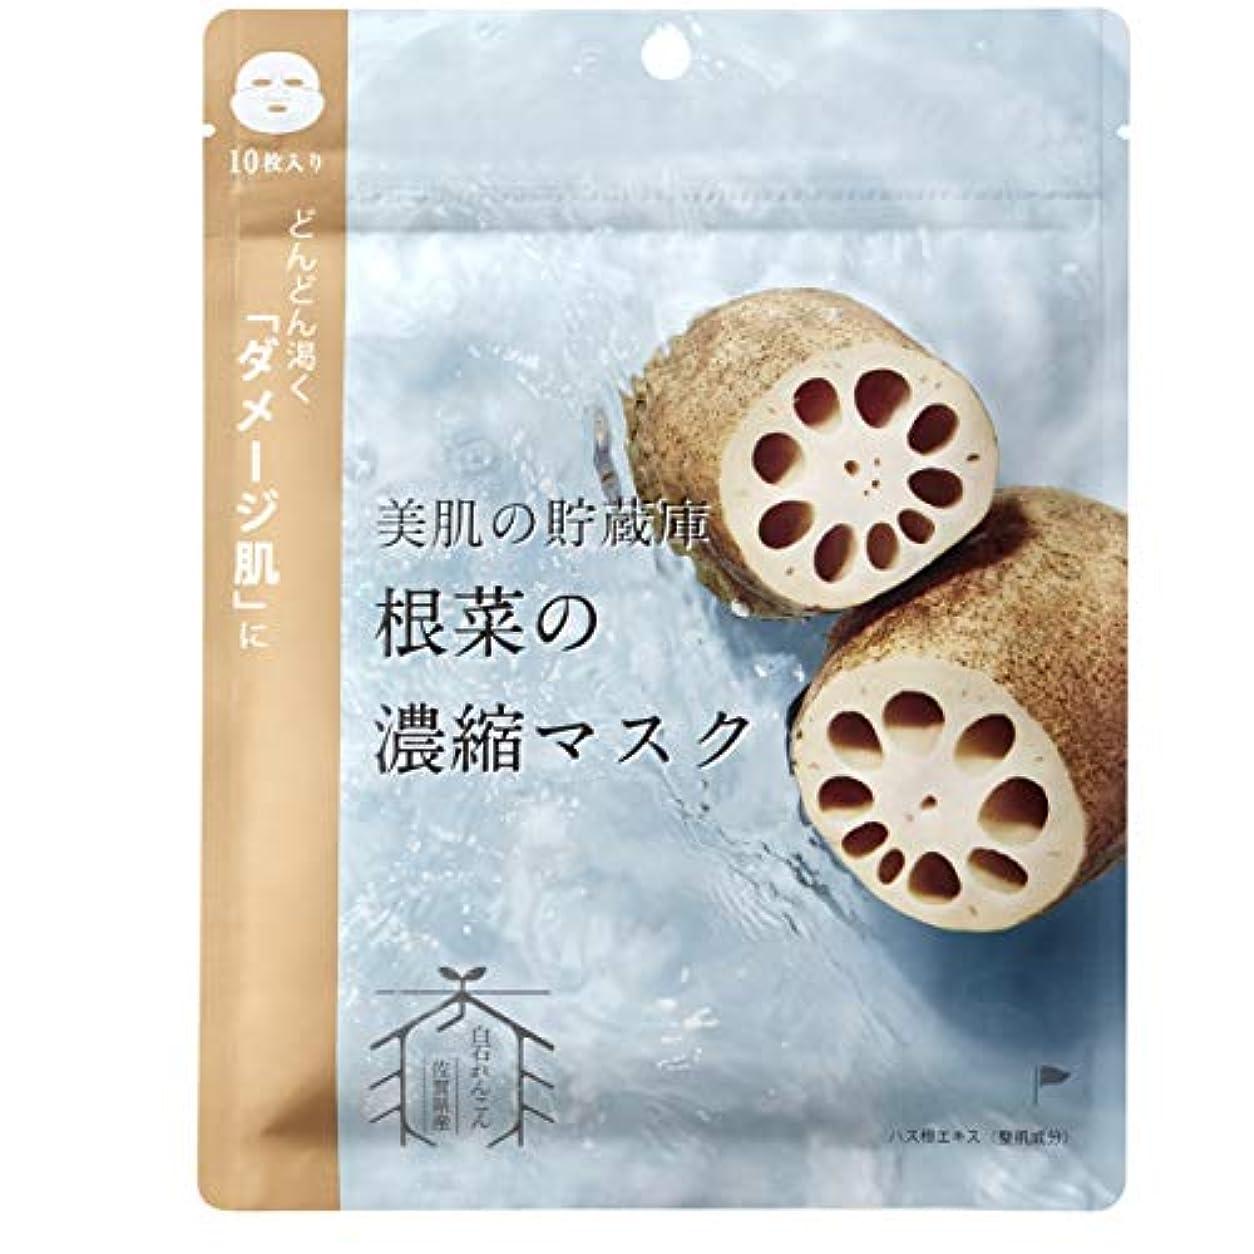 同等の束ねるきらめき@cosme nippon 美肌の貯蔵庫 根菜の濃縮マスク 白石れんこん 10枚入 160ml